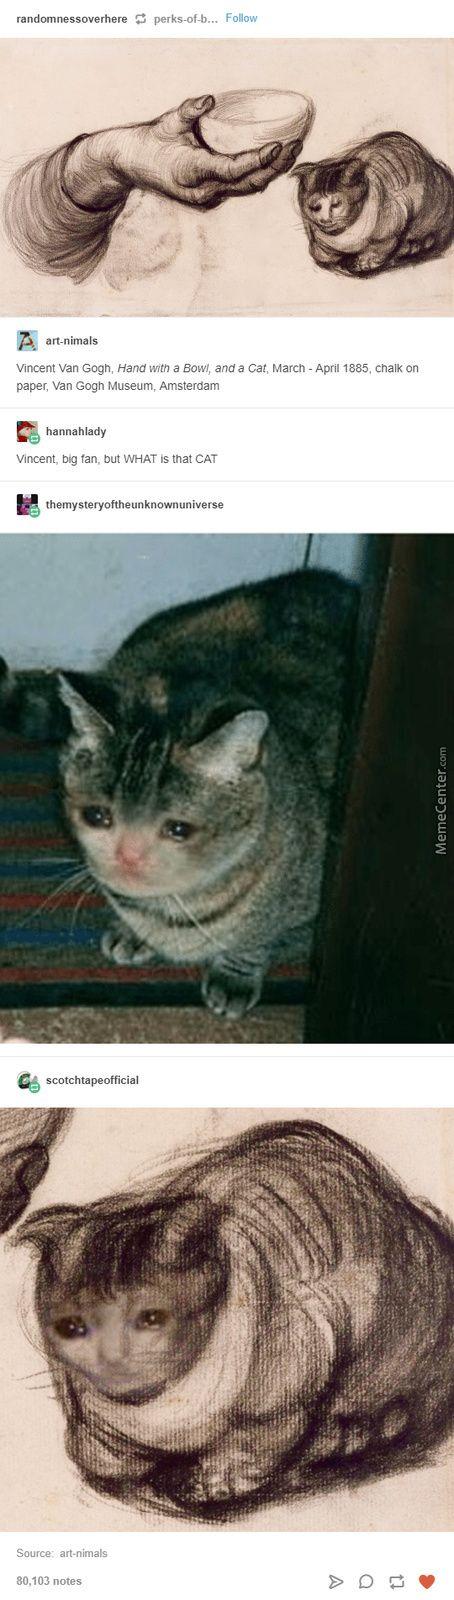 Vintage Cat Meme